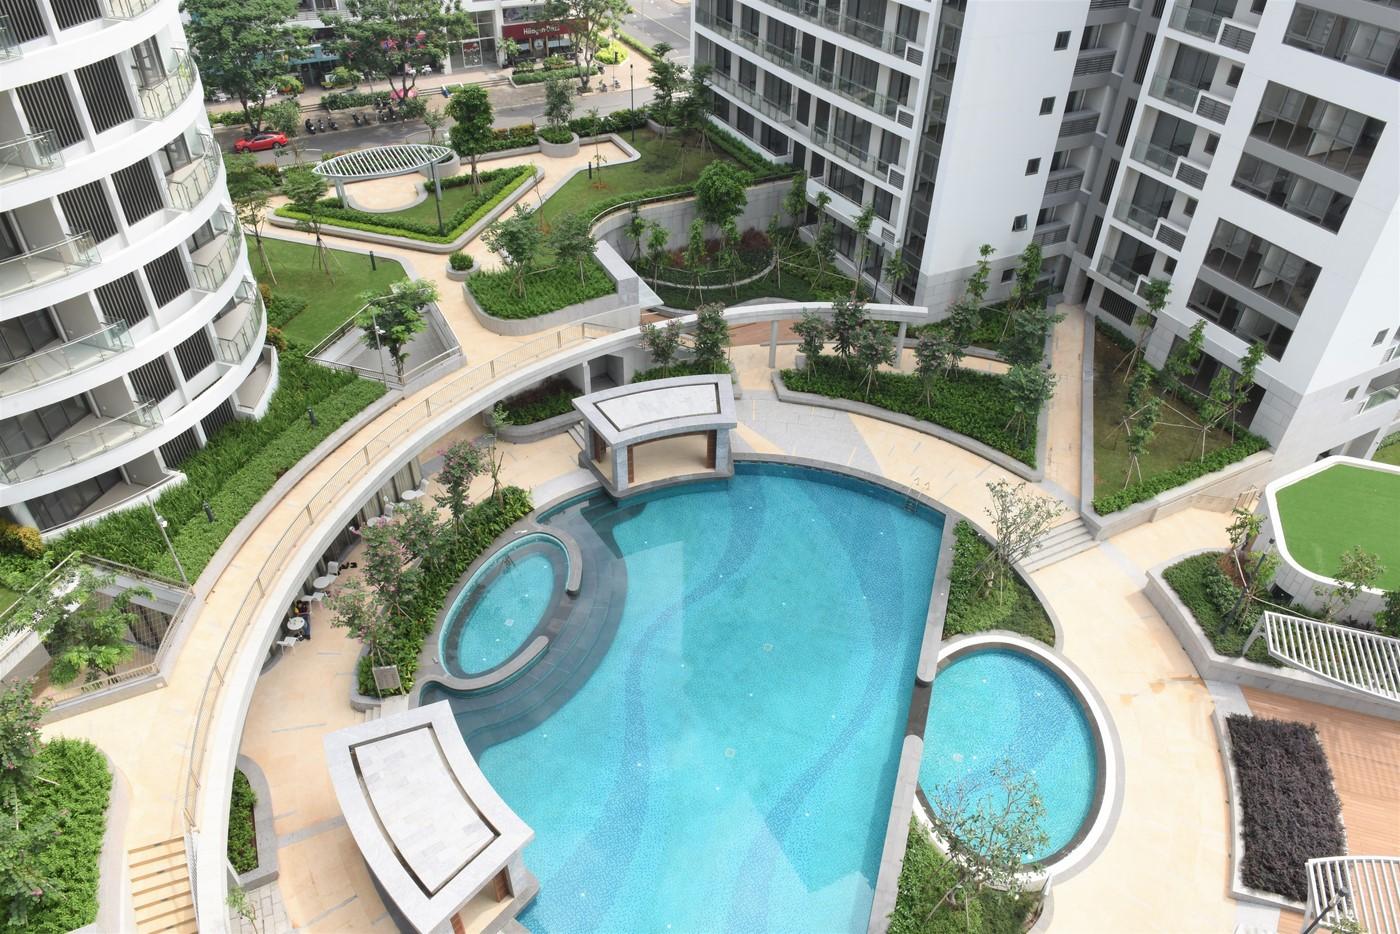 DSC 8194 Copy - Nhận nhà mới - đón năm mới cùng cư dân Riverpark Premier